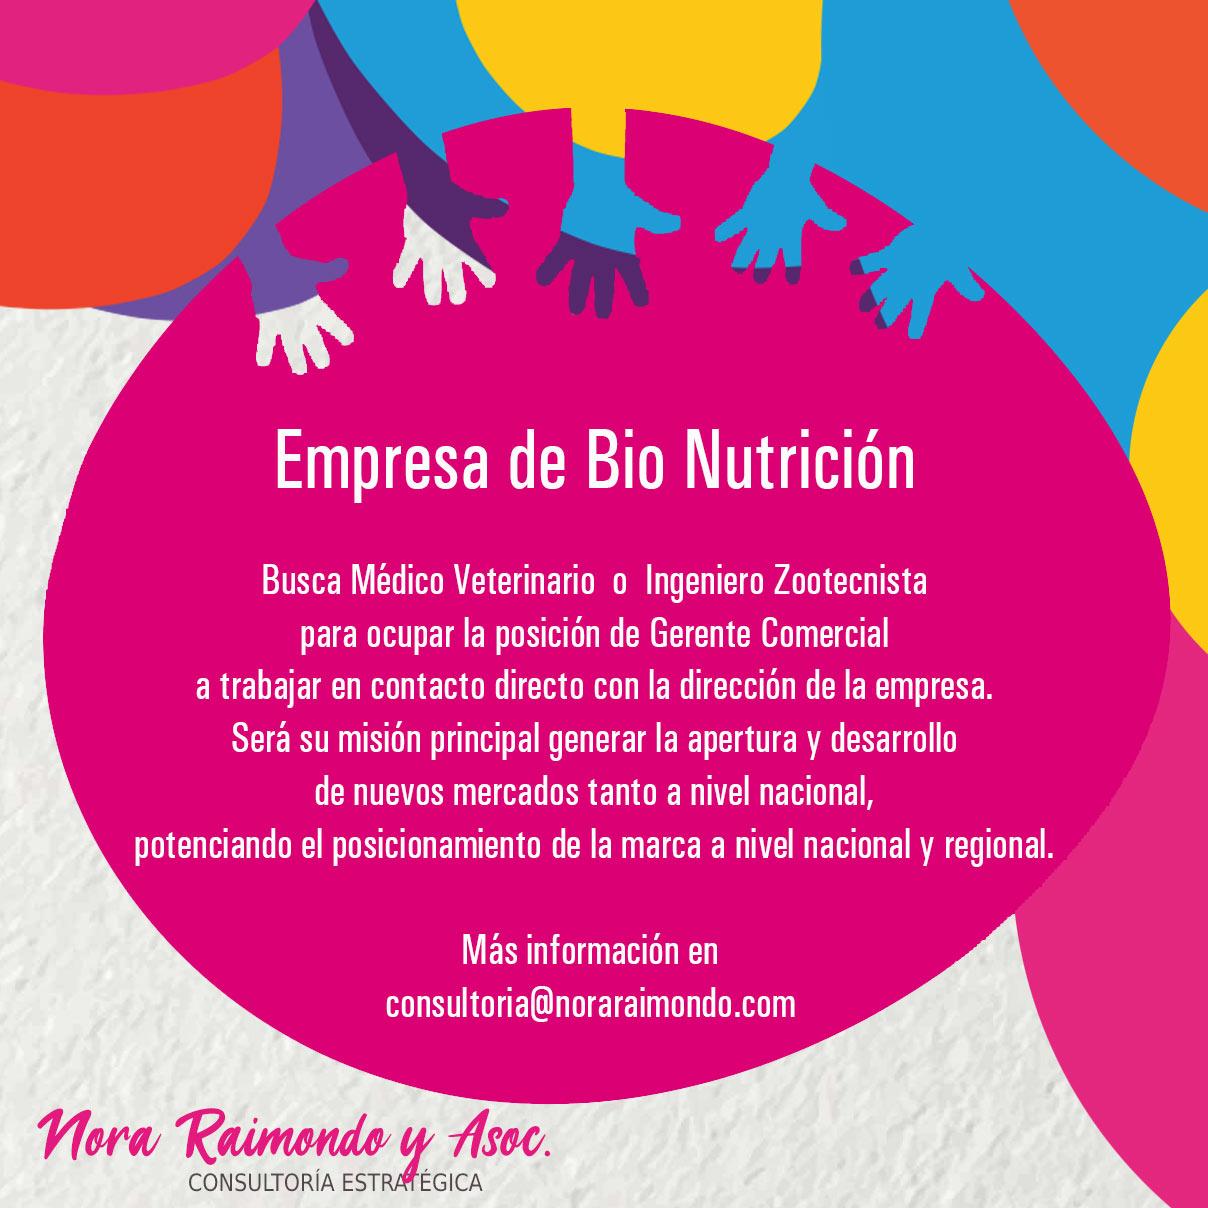 Búsqueda Laboral Médico Veterinario/Ingeniero Zootecnista